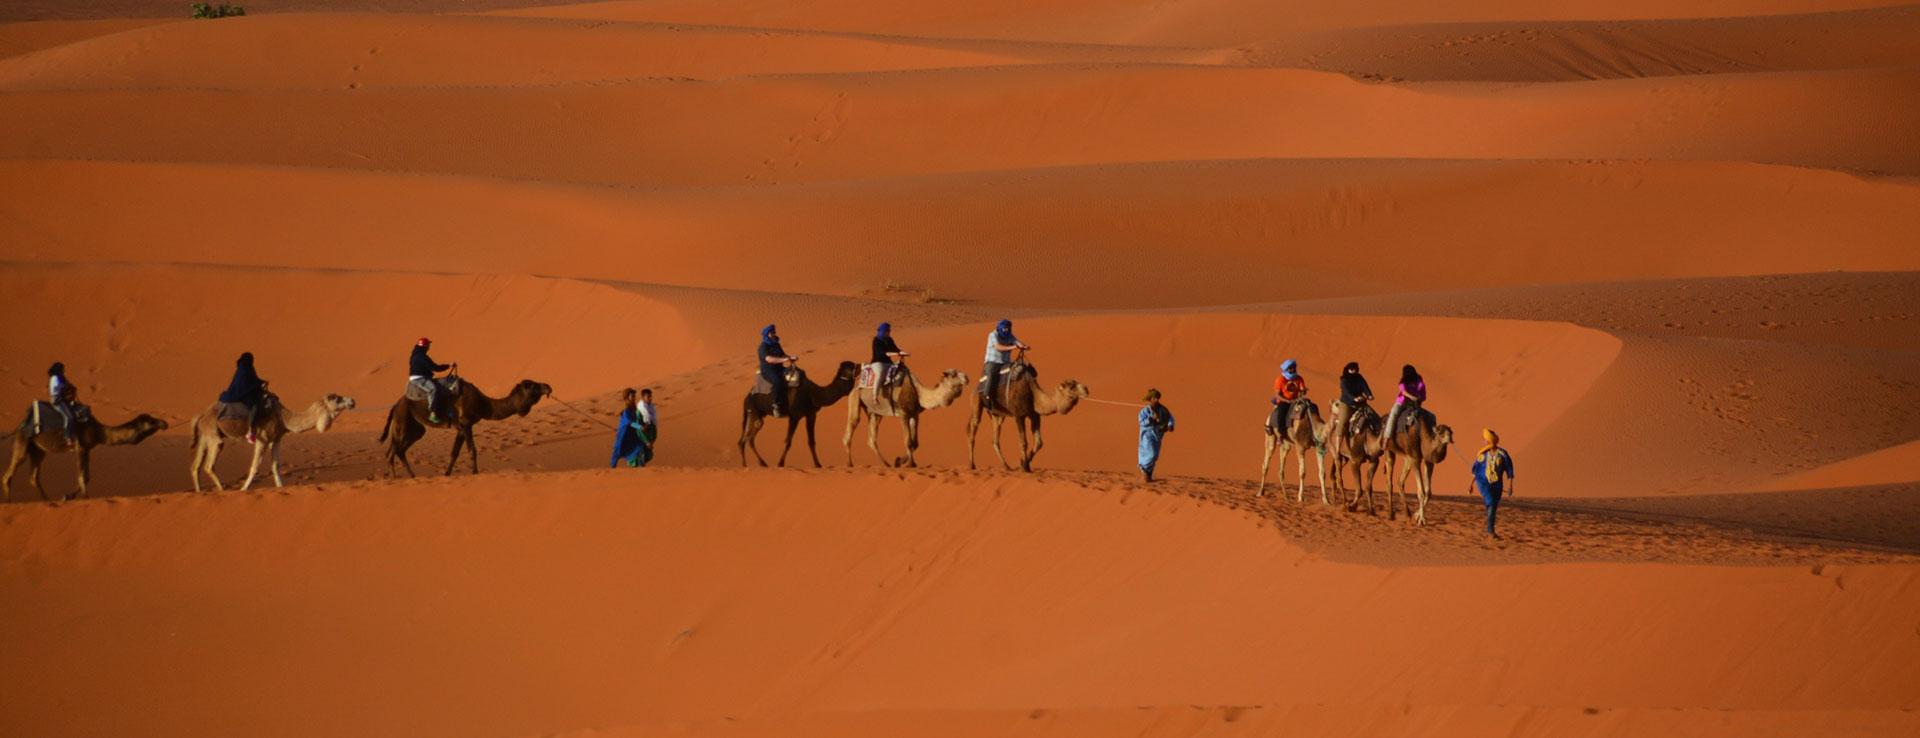 Sahara Desert Camel Trekking